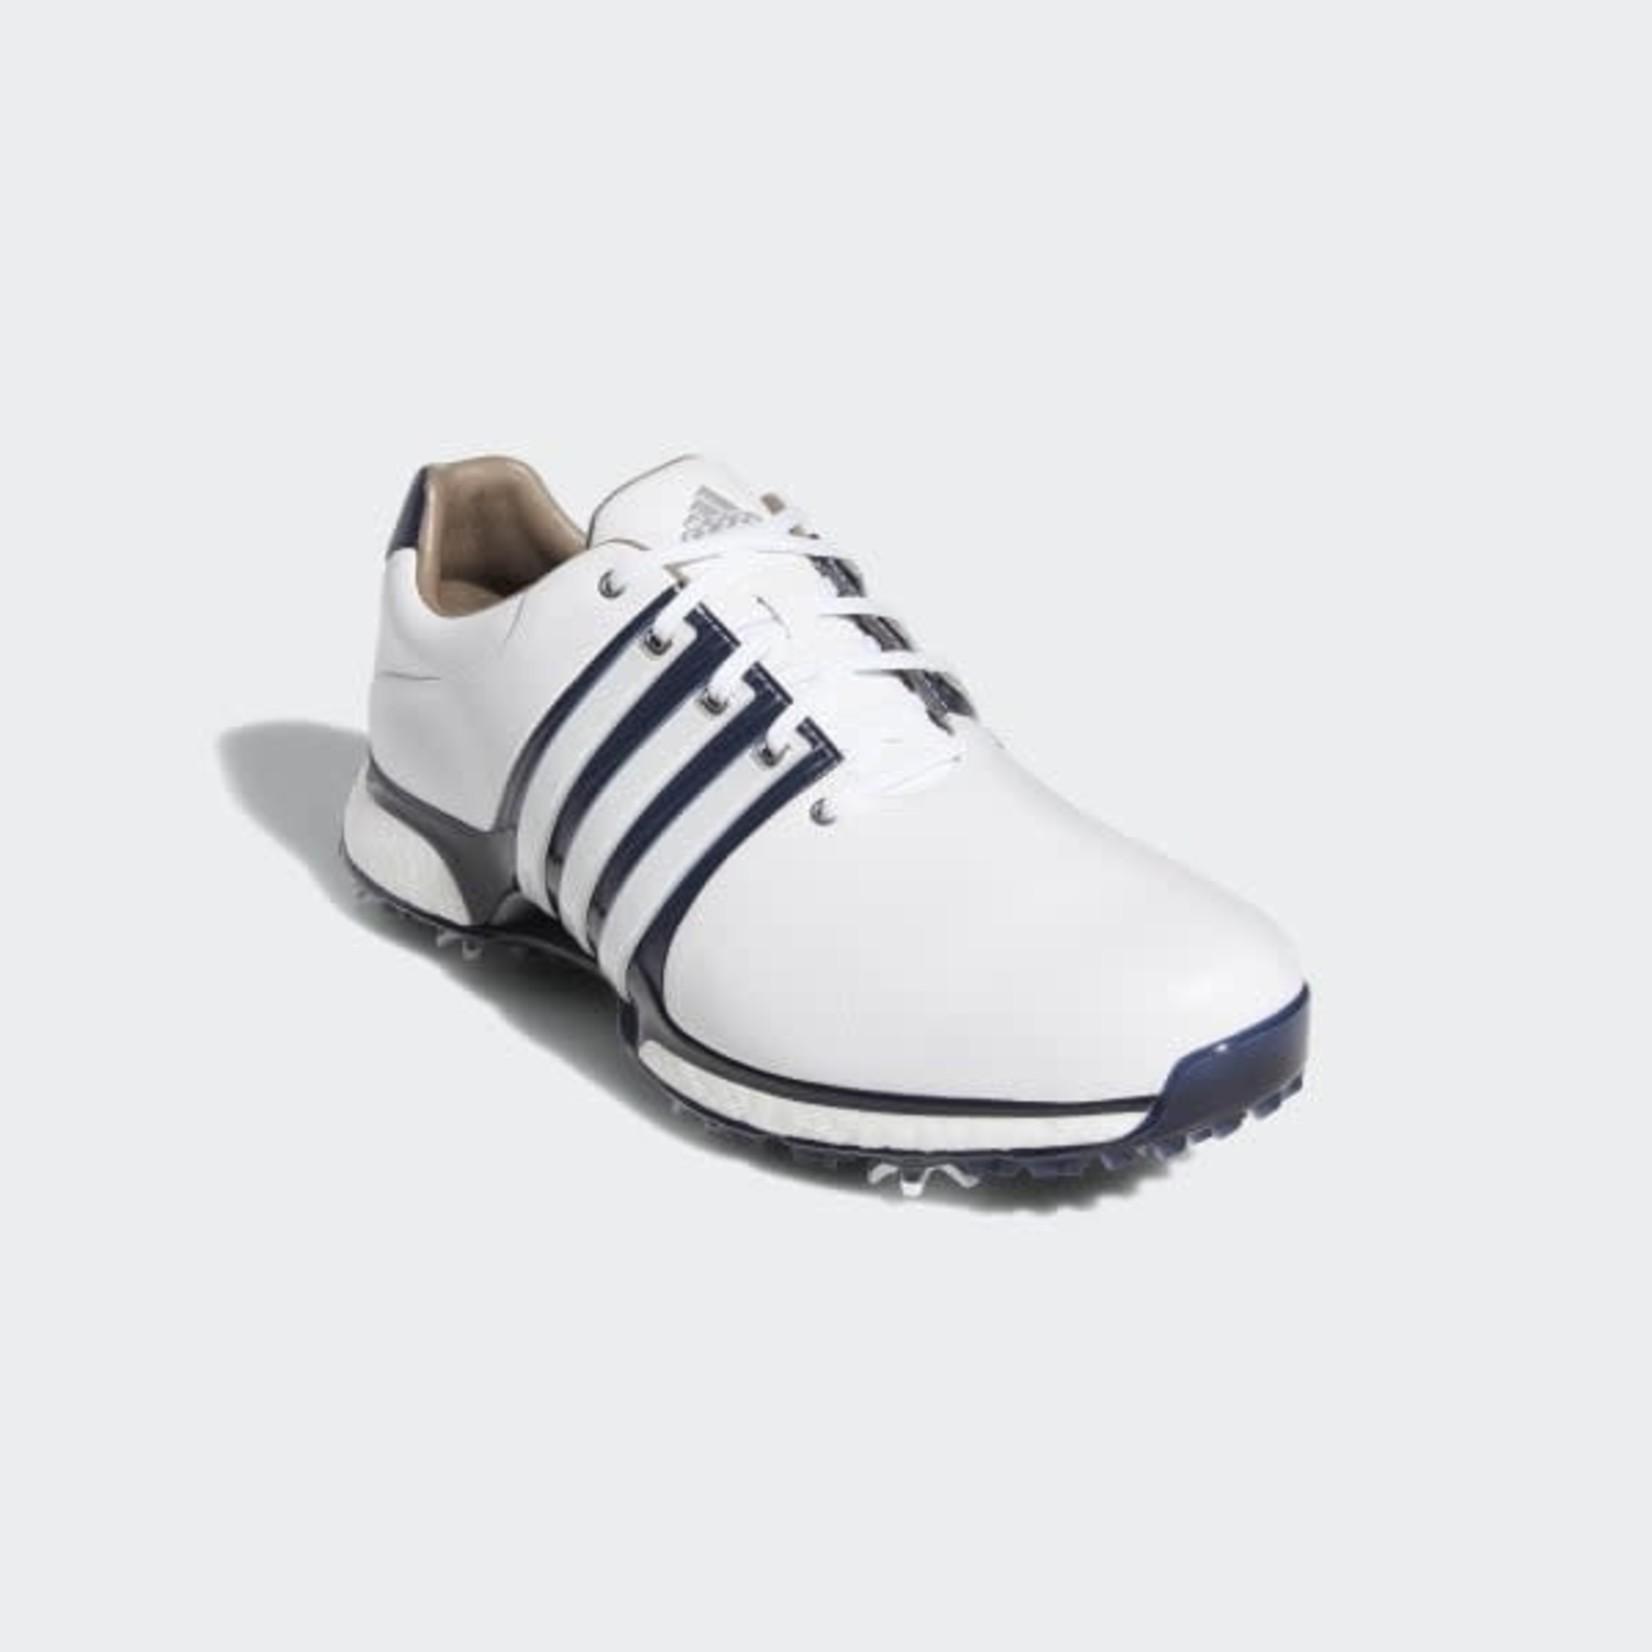 Adidas Adidas TOUR360 XT (Wide) White/Navy UK: 10 / EU : 44,7